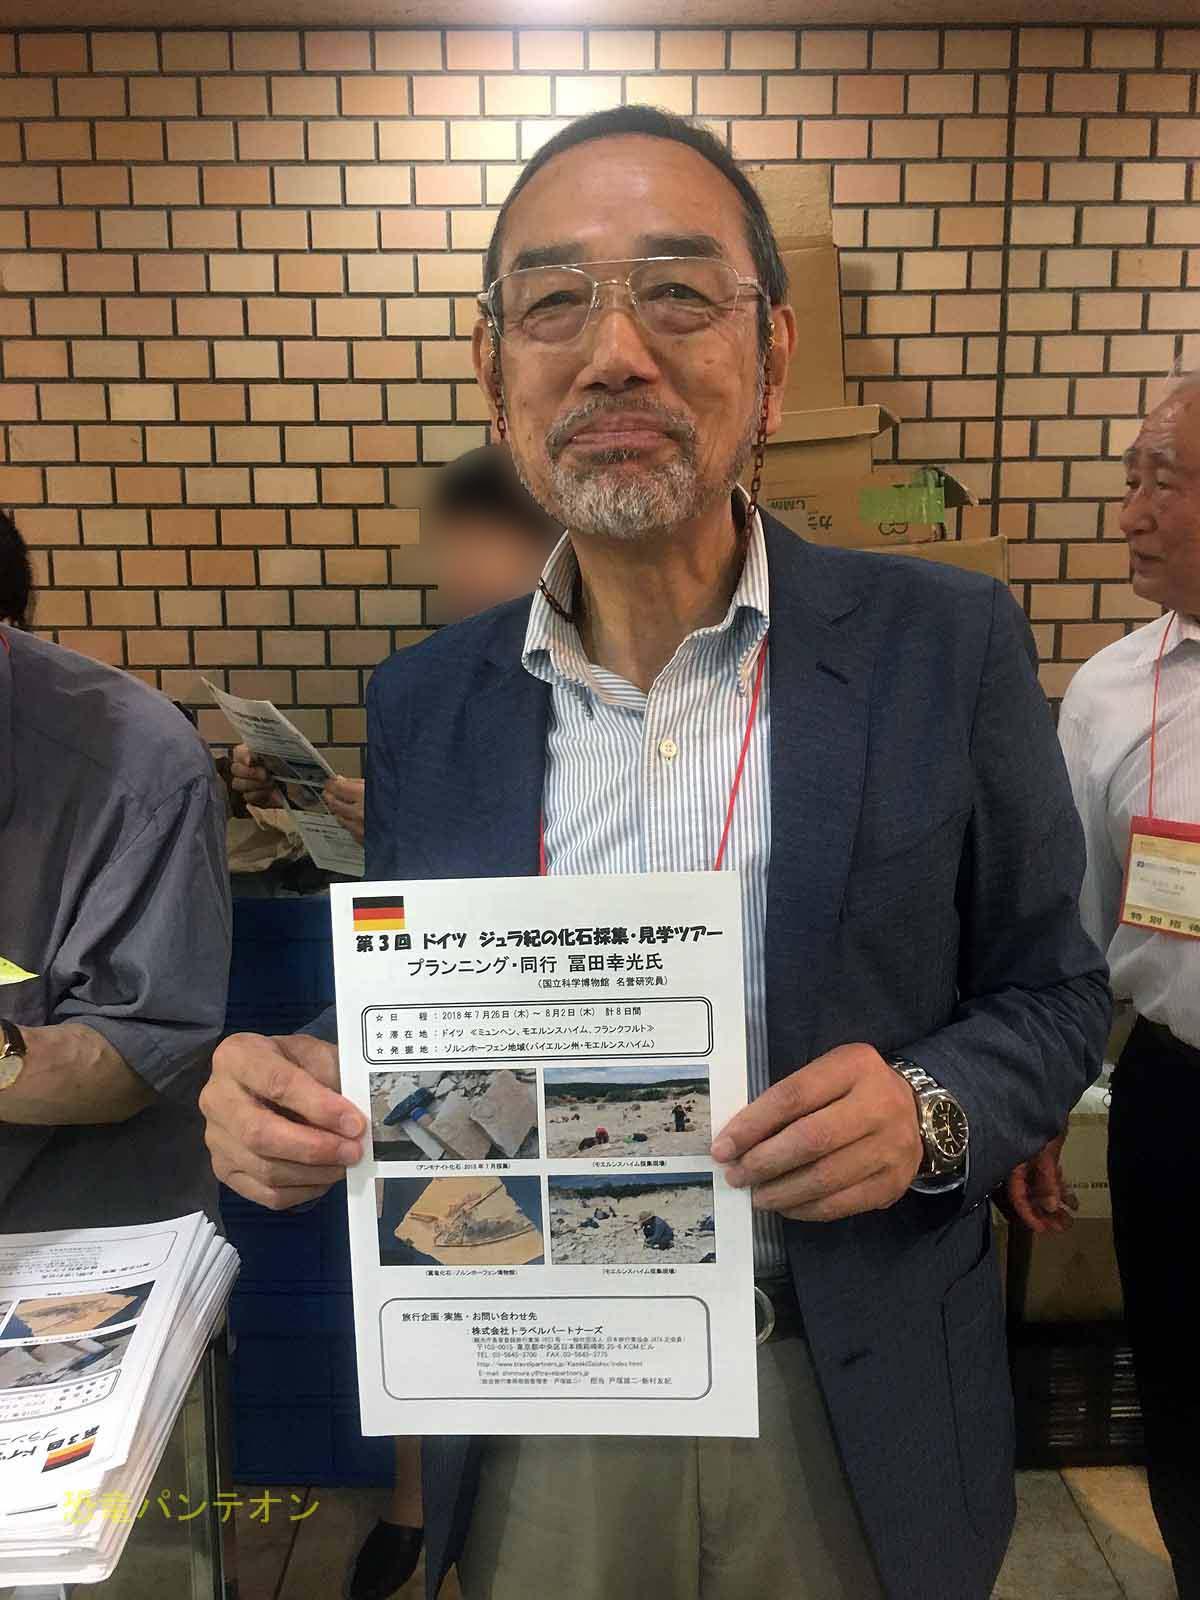 冨田先生自ら宣伝!